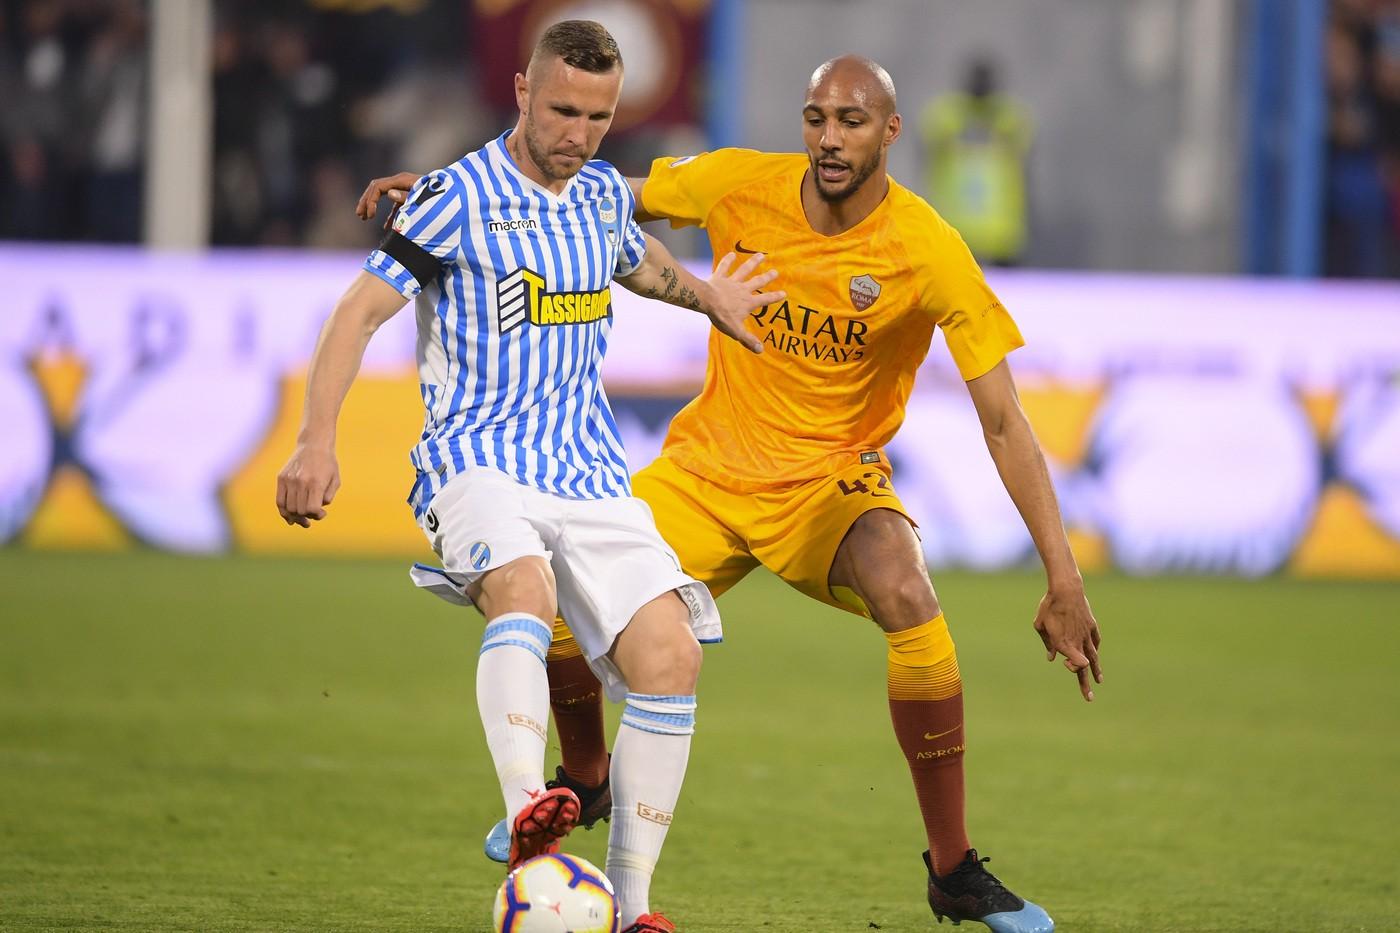 Kurtic (Spal) Fabio Rossi/AS Roma/LaPresse